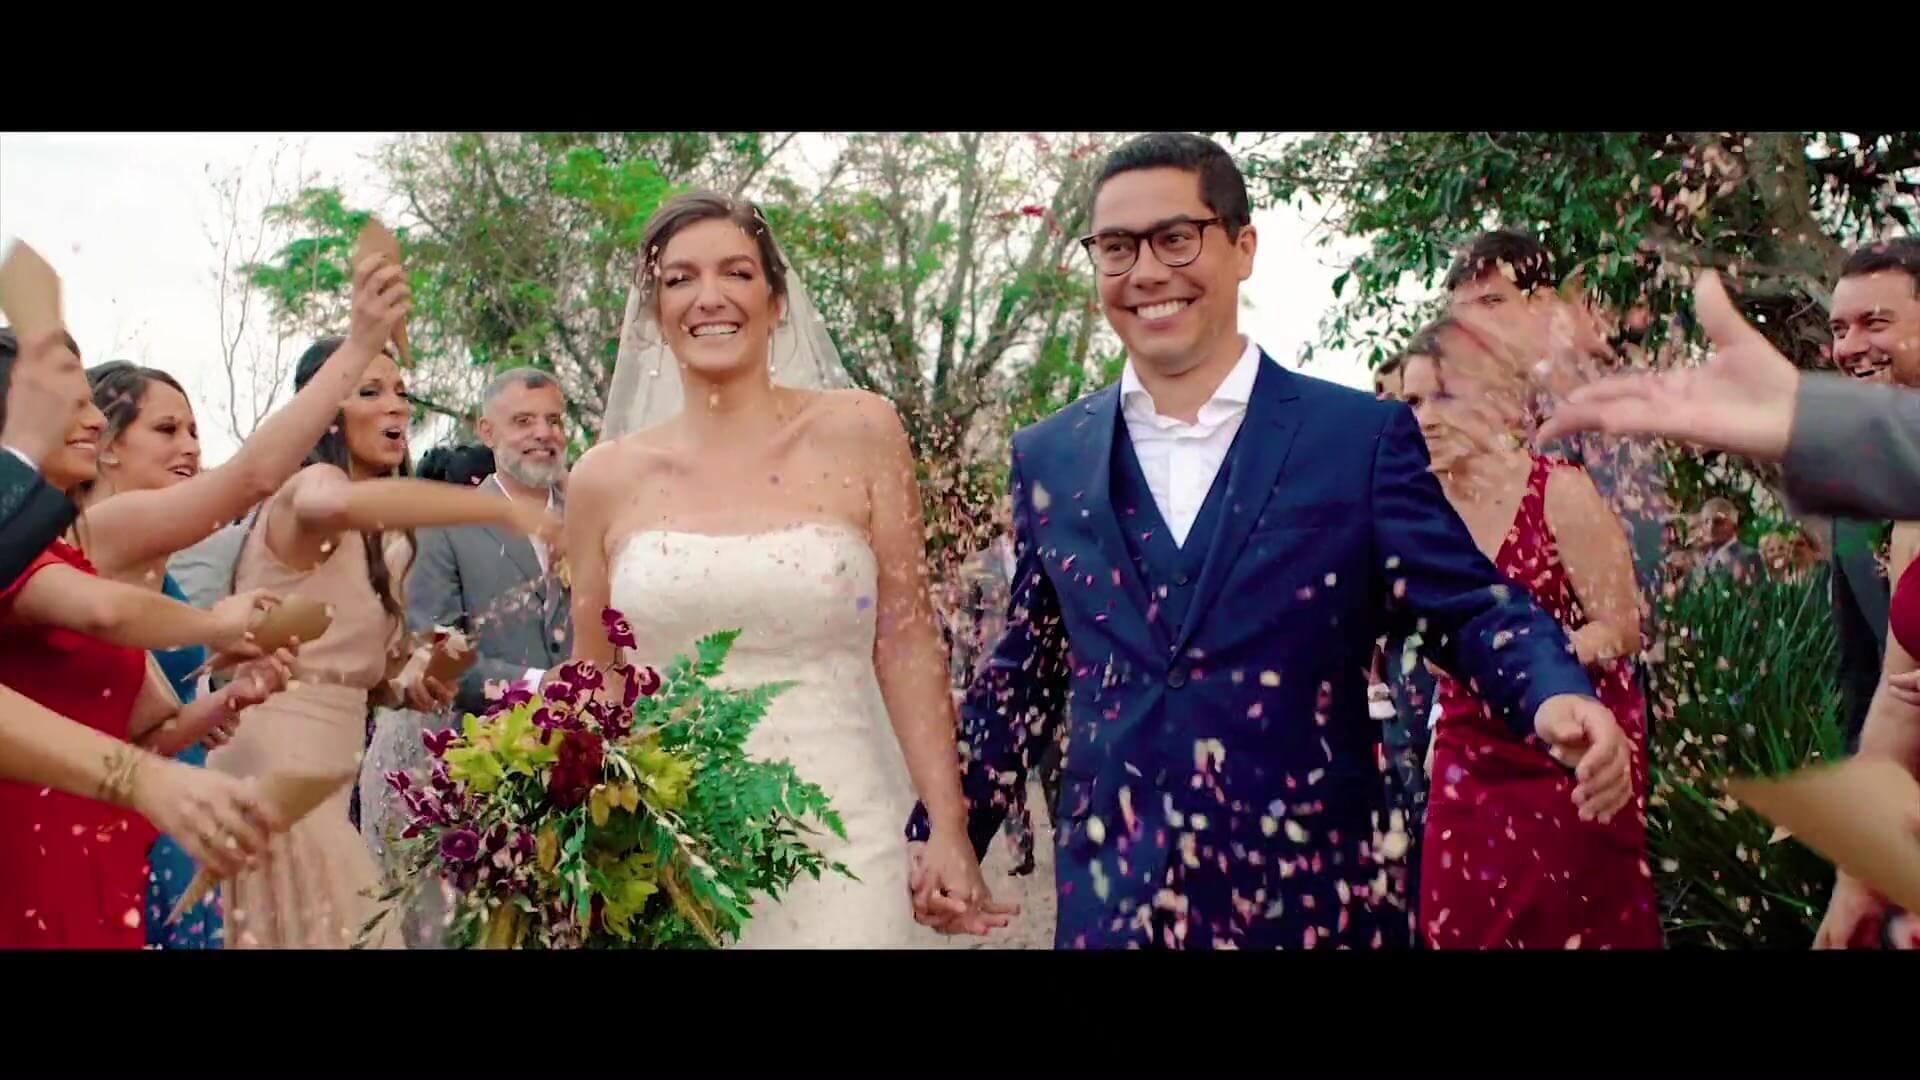 glenda_e_cassio_destination_wedding_fazenda_rio_grande_do_sul00023